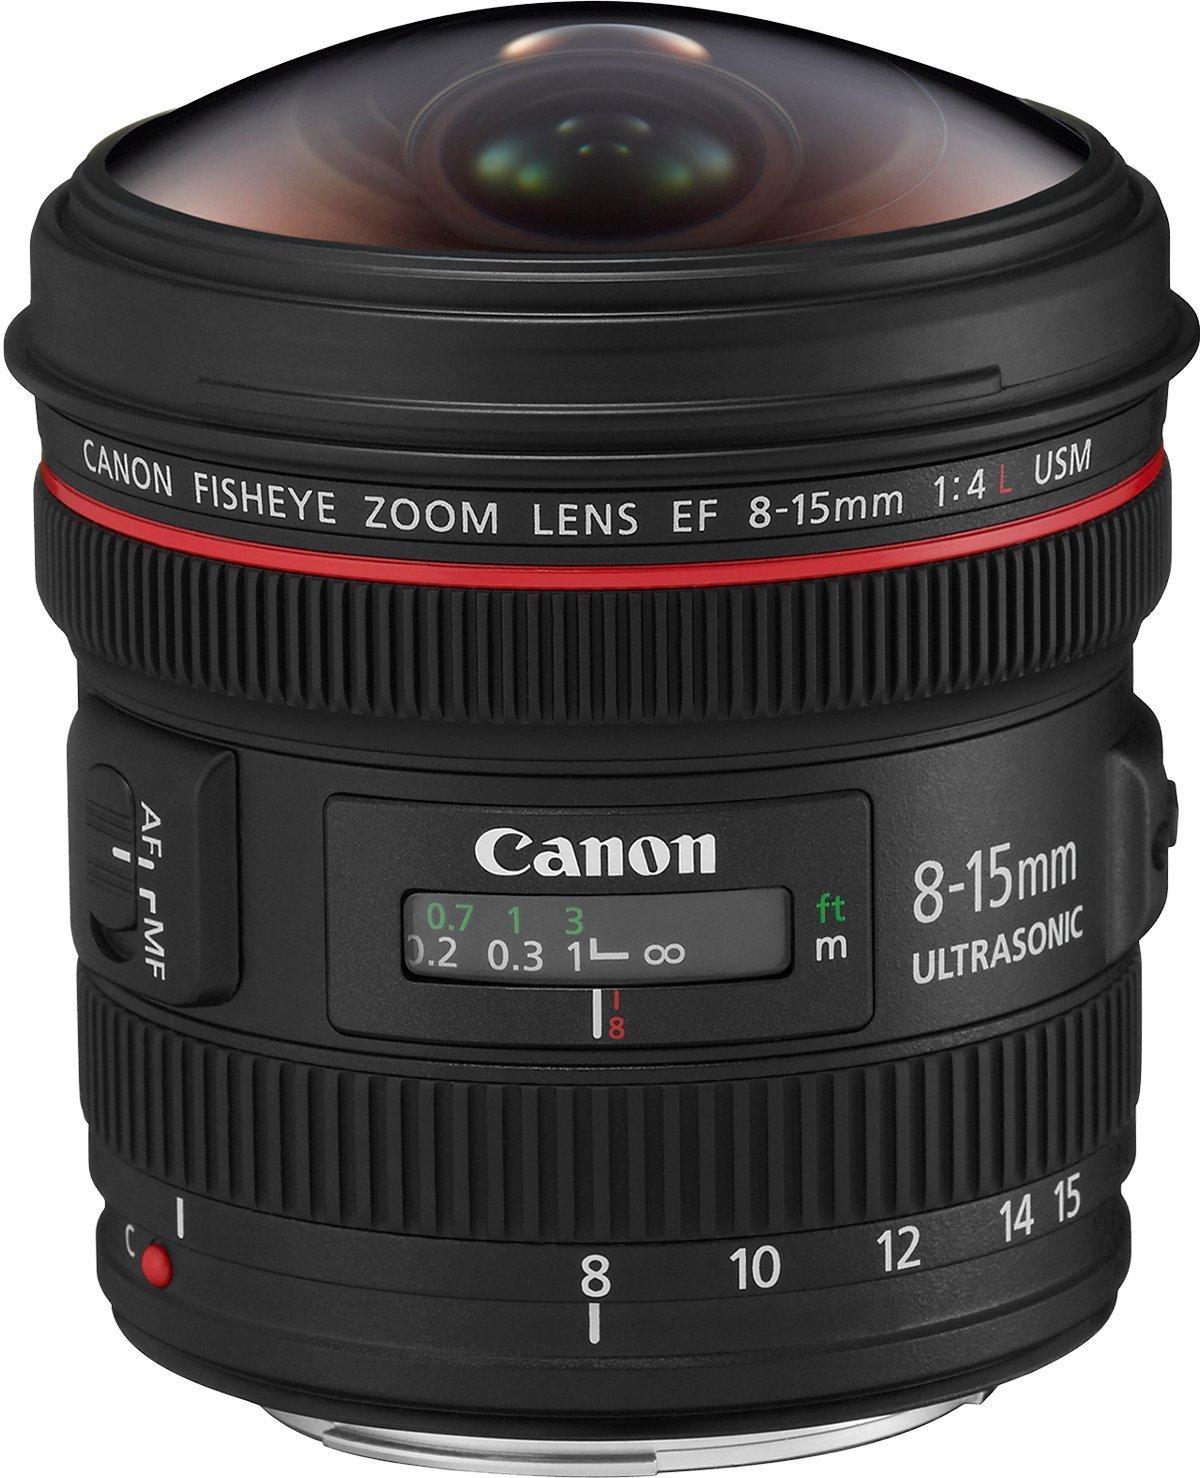 Sammeldeal Objektive (Canon EF, Nikon F, Micro Four Thirds, Four Thirds, Sony E) bei Amazon.it [14. Mai]